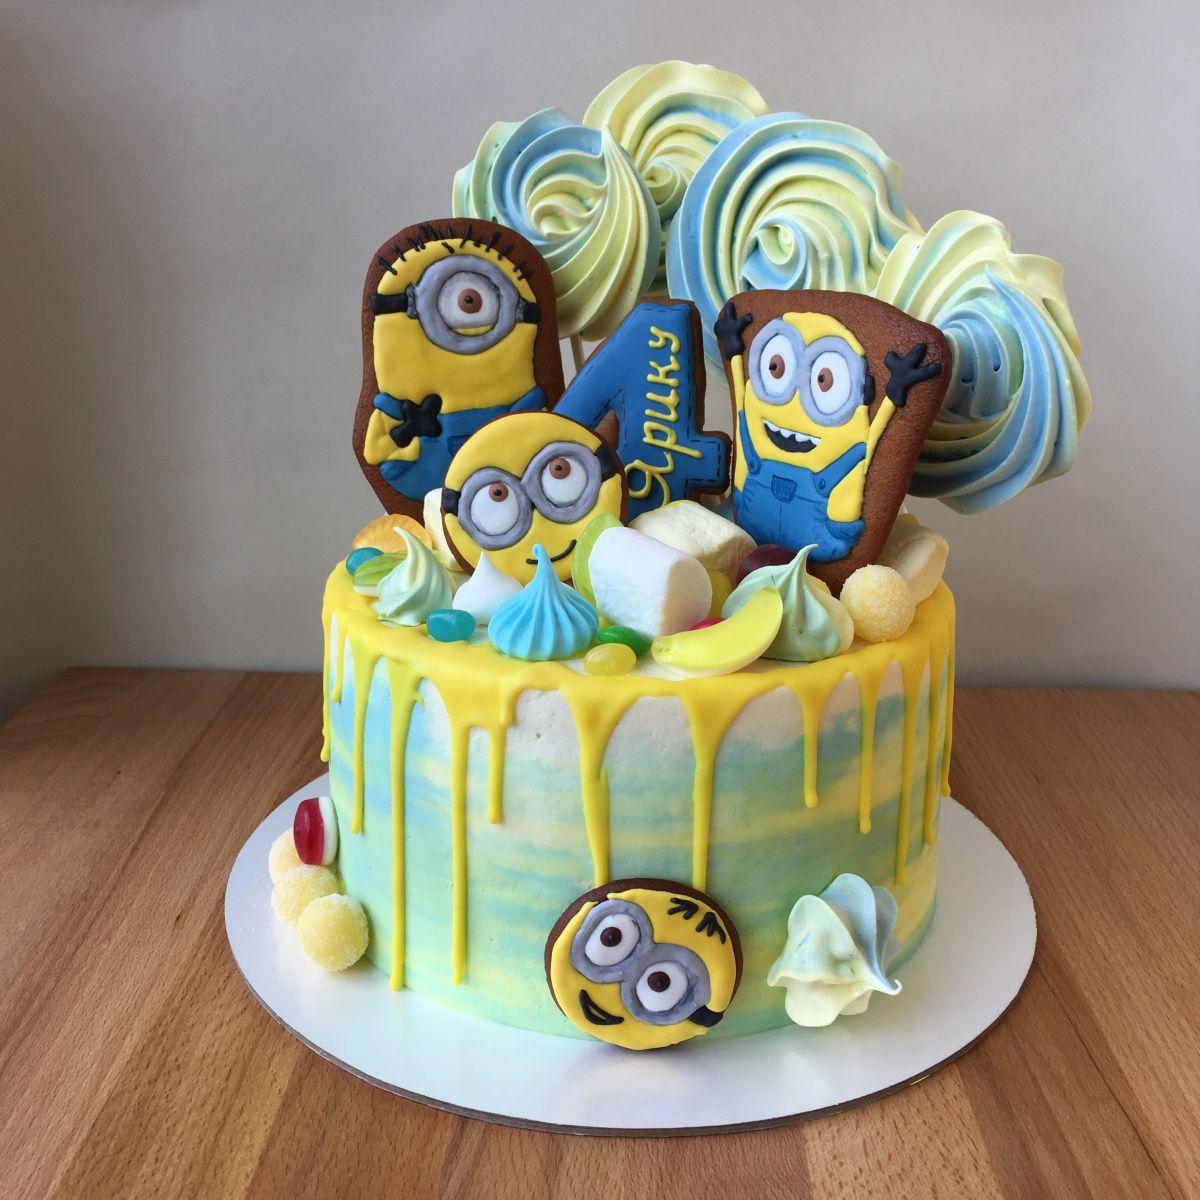 основном тяжелые торты миньоны на день рождения фото котлеты это популярное